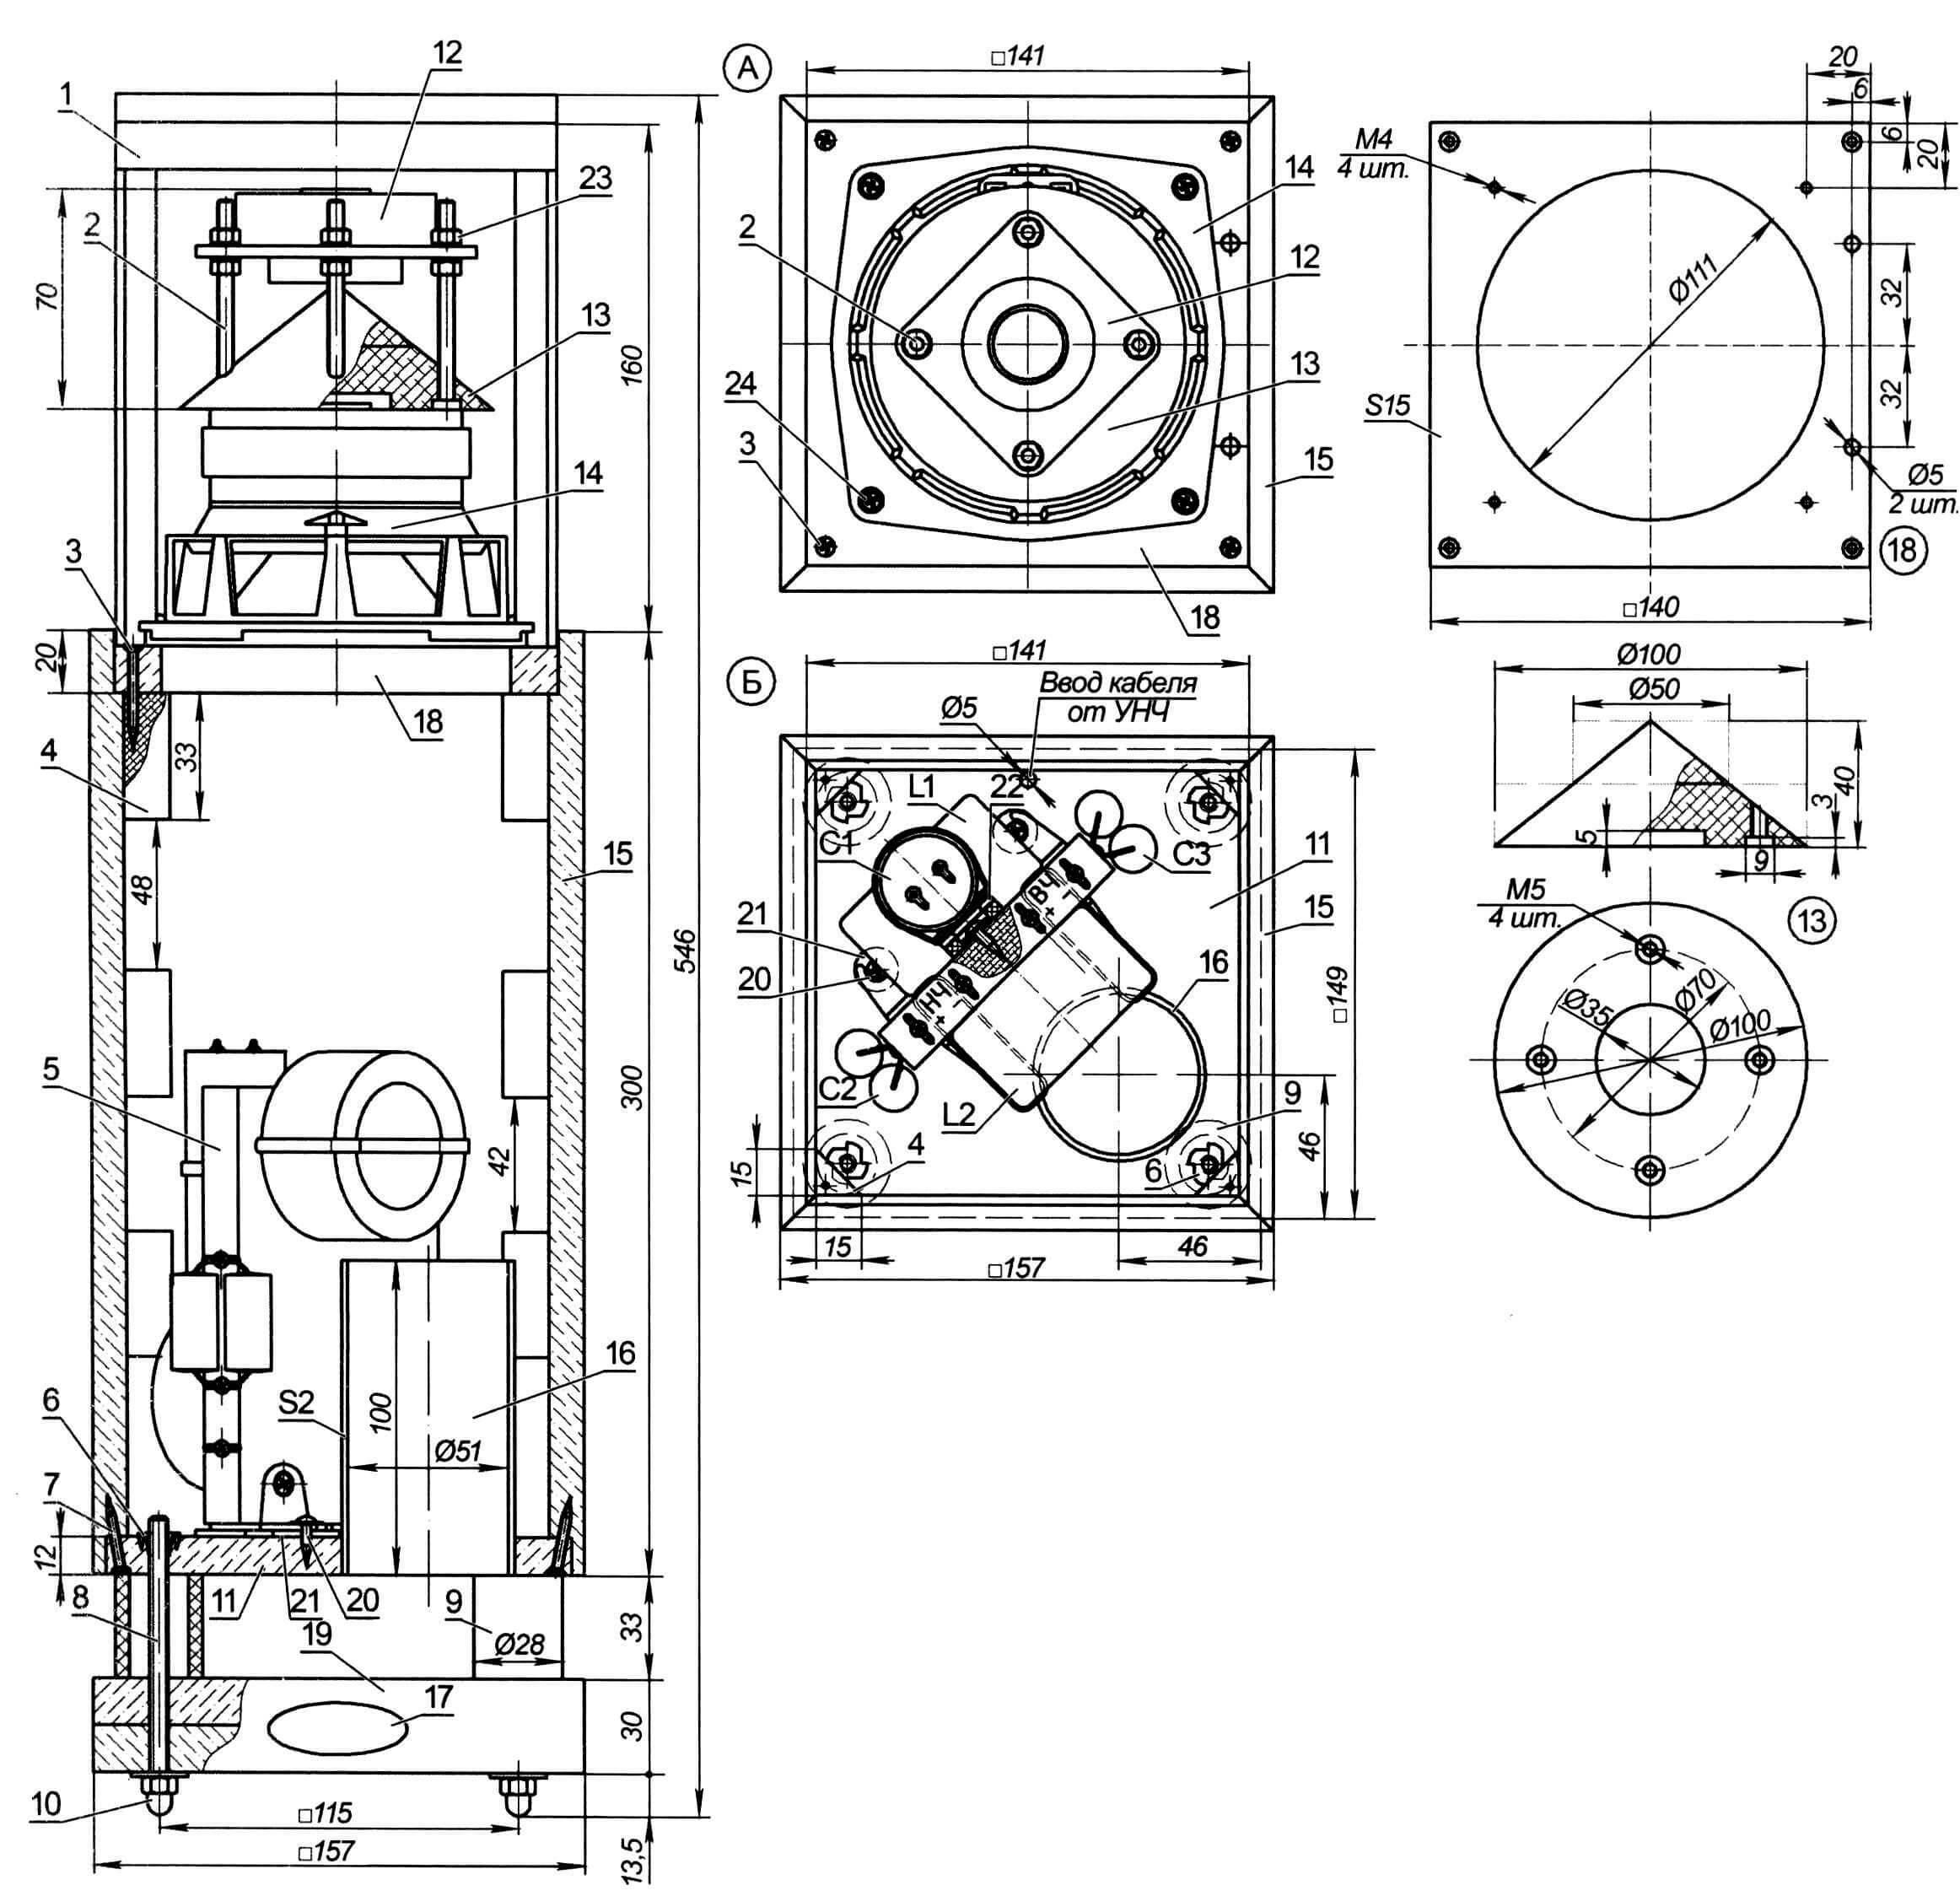 Акустическая система круговой направленности на базе 6АС-2: 1 - колпак; 2 - винт М5х60; 3 - саморез 3x20 (4 шт.); 4 - уголок (дерево, 12 шт.); 5 - кроссовер (блок частотных фильтров); 6 - гайка врезная М6 (4 шт.); 7 - саморез 3x20 (4 шт.); 8 - шпилька М6х90 (4 шт.); 9 - стойка (муфта полипропиленовая, 4 шт.); 10 - гайка колпачковая М6 и гайка (4 компл.); 11 - нижняя панель 149x149x12 мм (фанера); 12 - ВЧ-динамик ЗГД-2; 13-конус (лиственница); 14-НЧ-динамик 10ГД-34; 15-стенка колонки (фанера, S11 мм, 4 шт.); 16 - фазоинвертор; 17 - шильдик; 18 - верхняя панель 140x140x15 мм (фанера); 19 - подставка (фанера); 20 - саморез 4х 13 (4 шт); 21 - шайба (Ст., 4 шт.); 22 - площадка под винт крепления стяжек; 23 - гайка М5 и шайба (8 компл.); 24 - винт М4 и шайба (4 компл.). А - вид сверху со снятым колпаком; Б - вид сверху со снятой верхней панелью